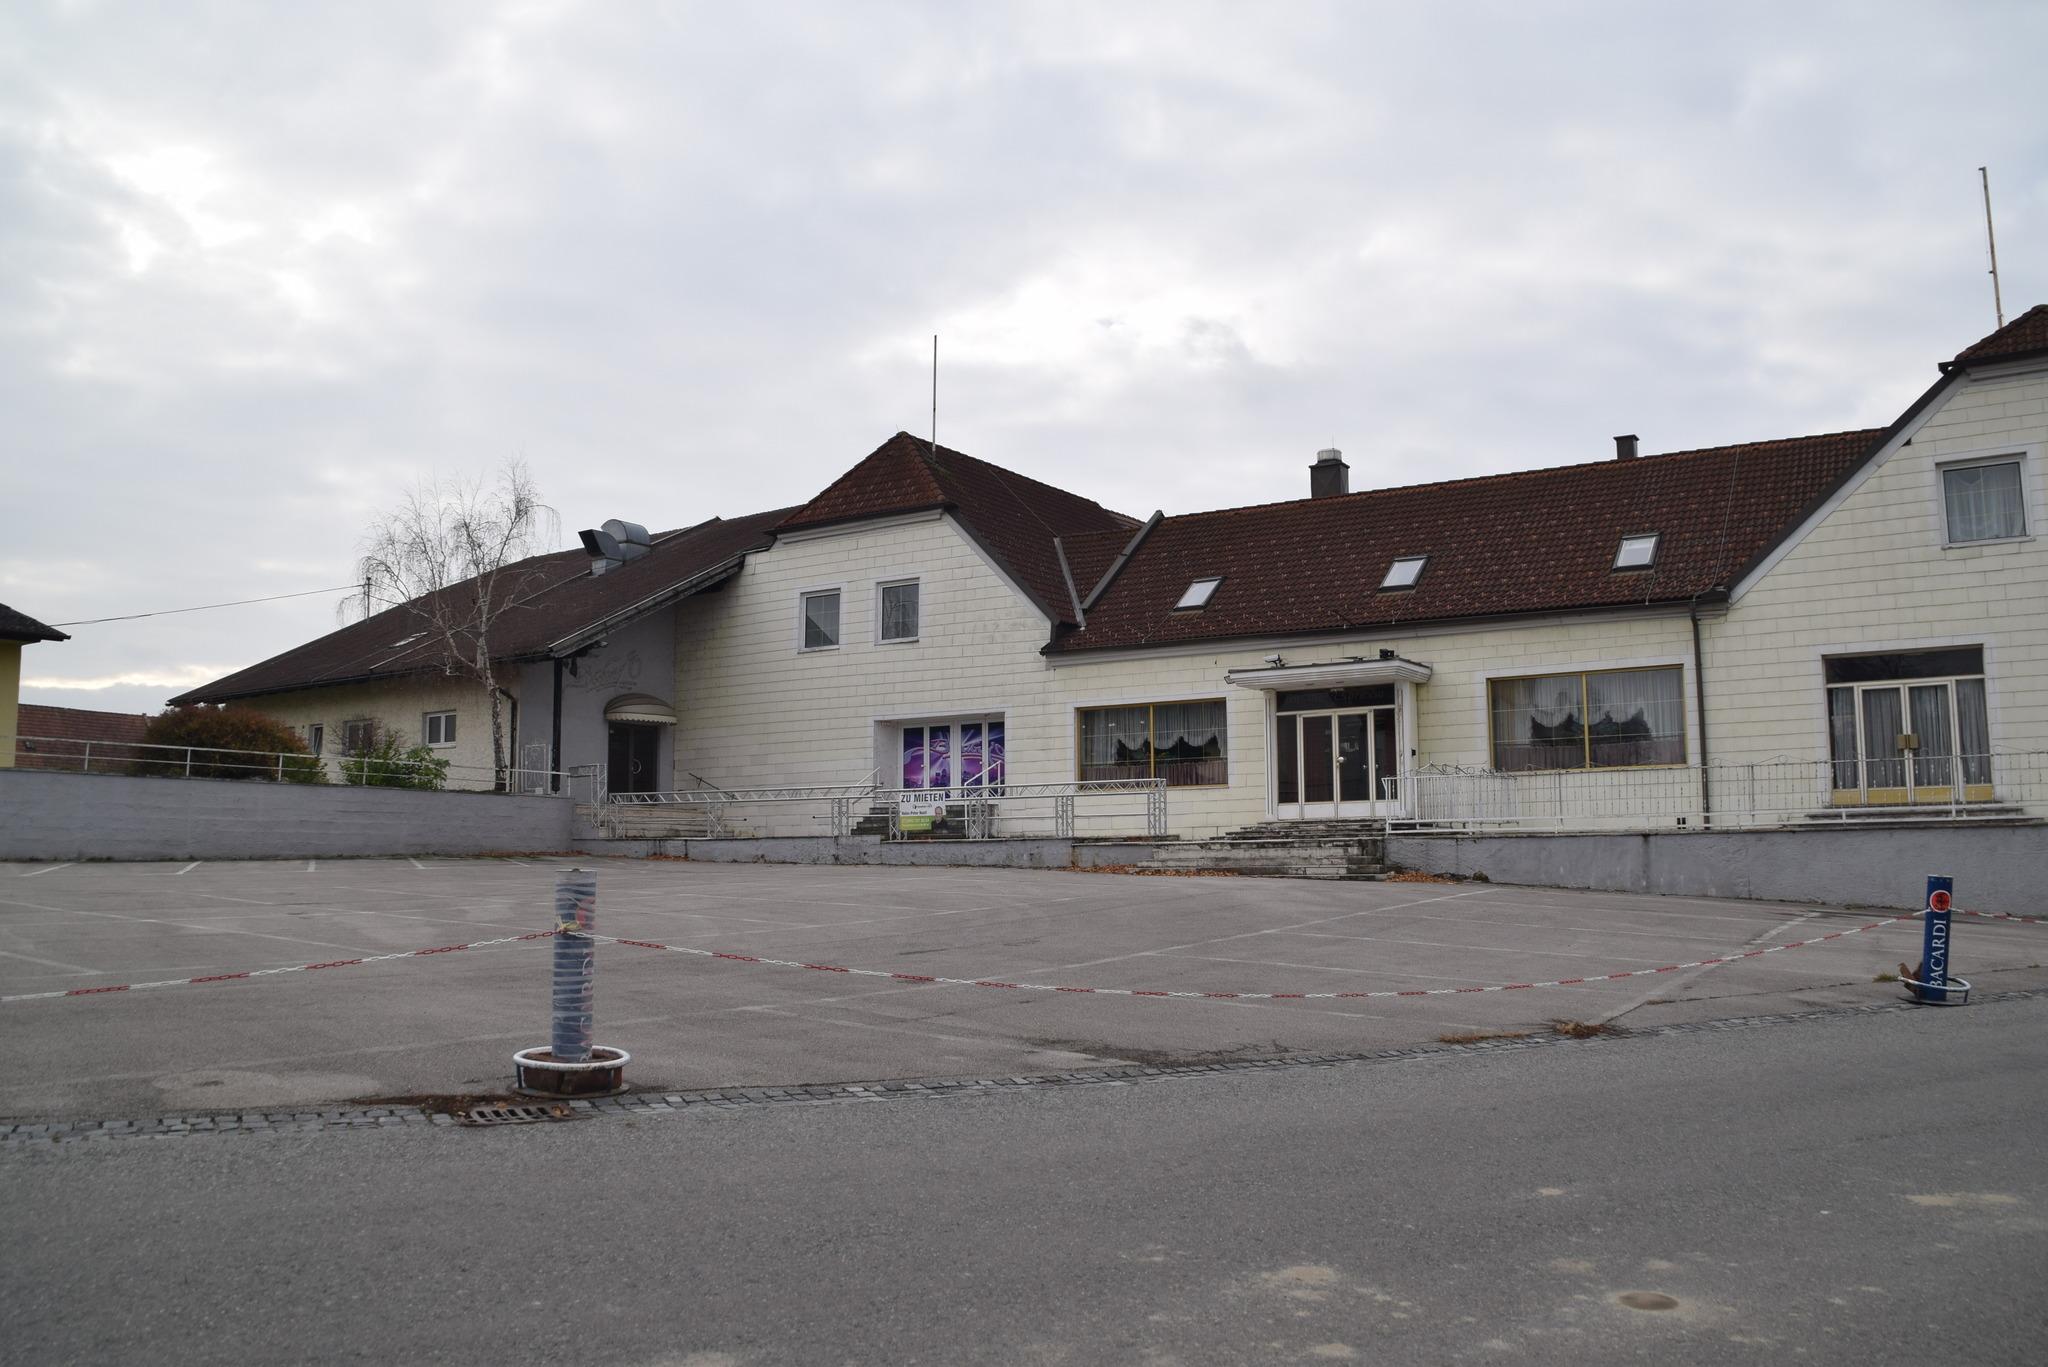 Feuerwehreinsatz - Wohnhausbrand in Zfing - huggology.com